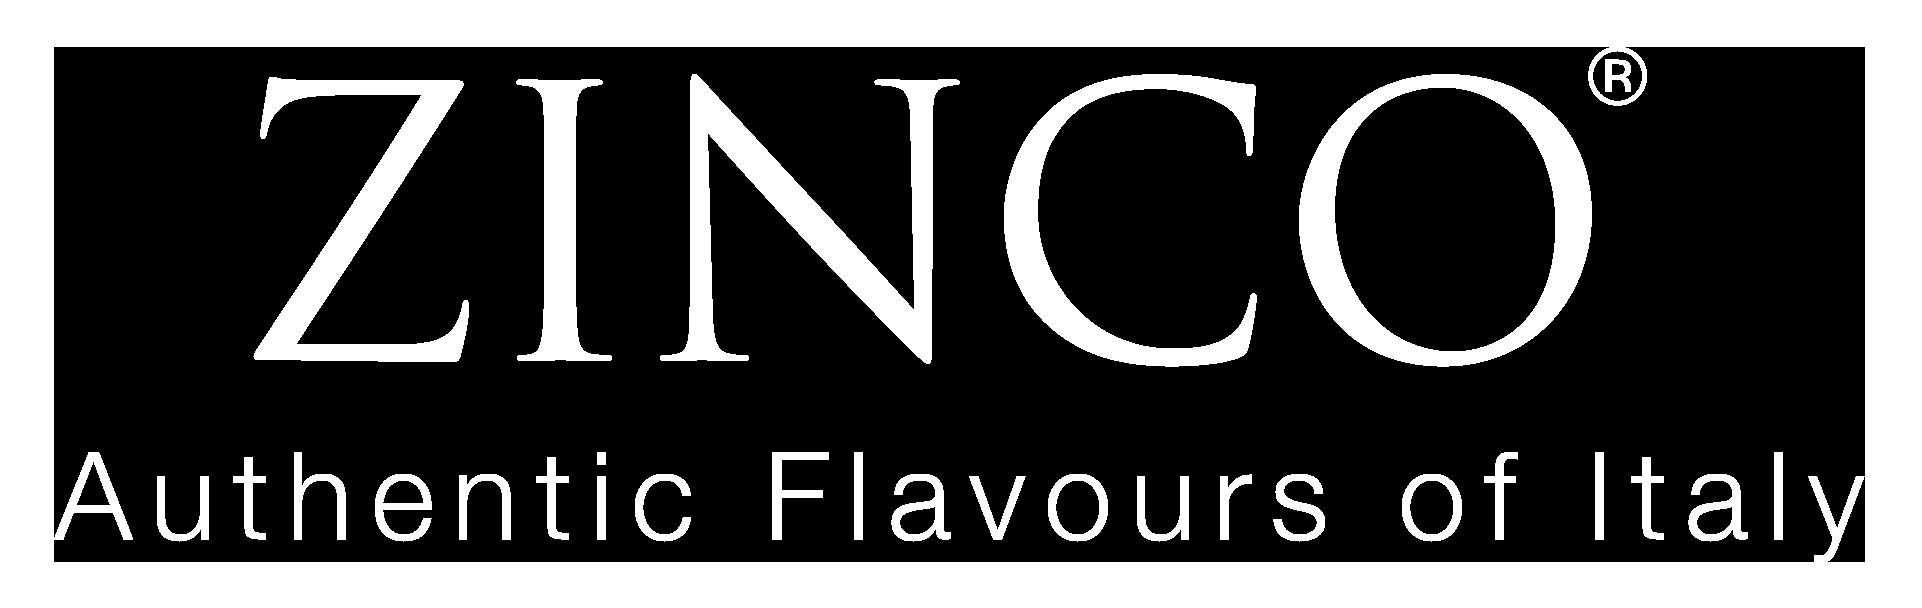 ZINCO New Logo 2018.png